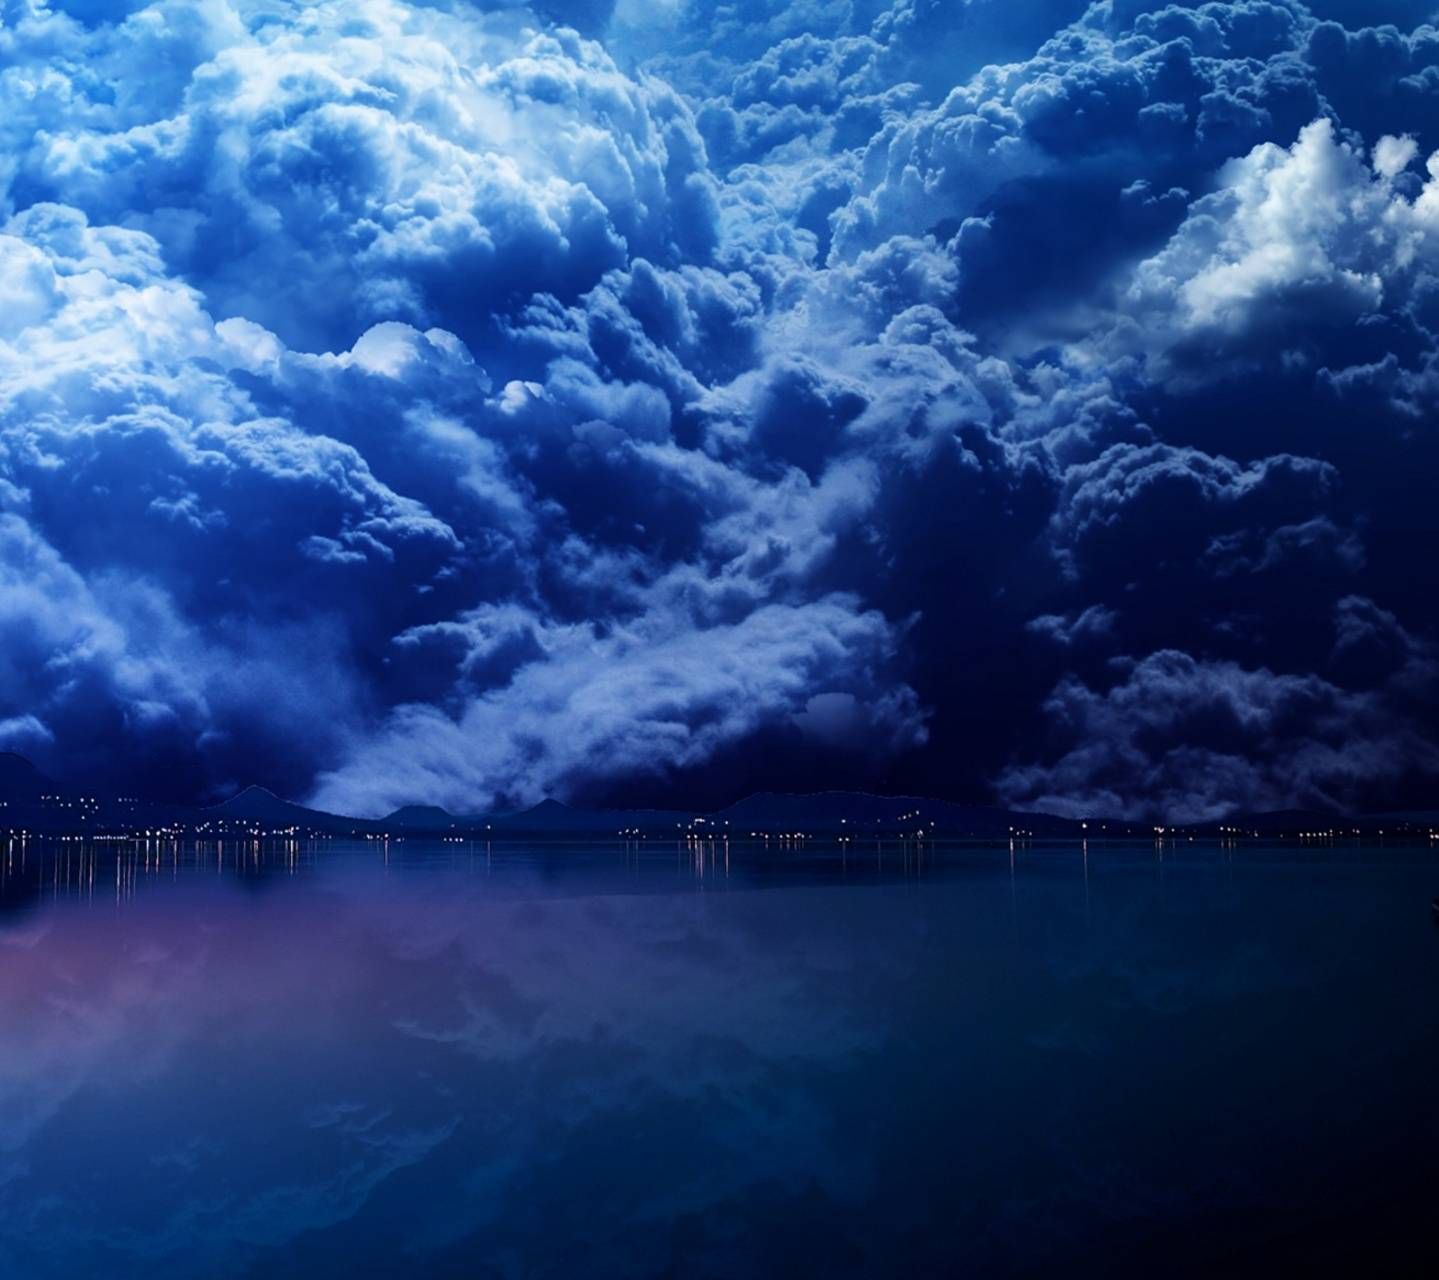 Storm HD